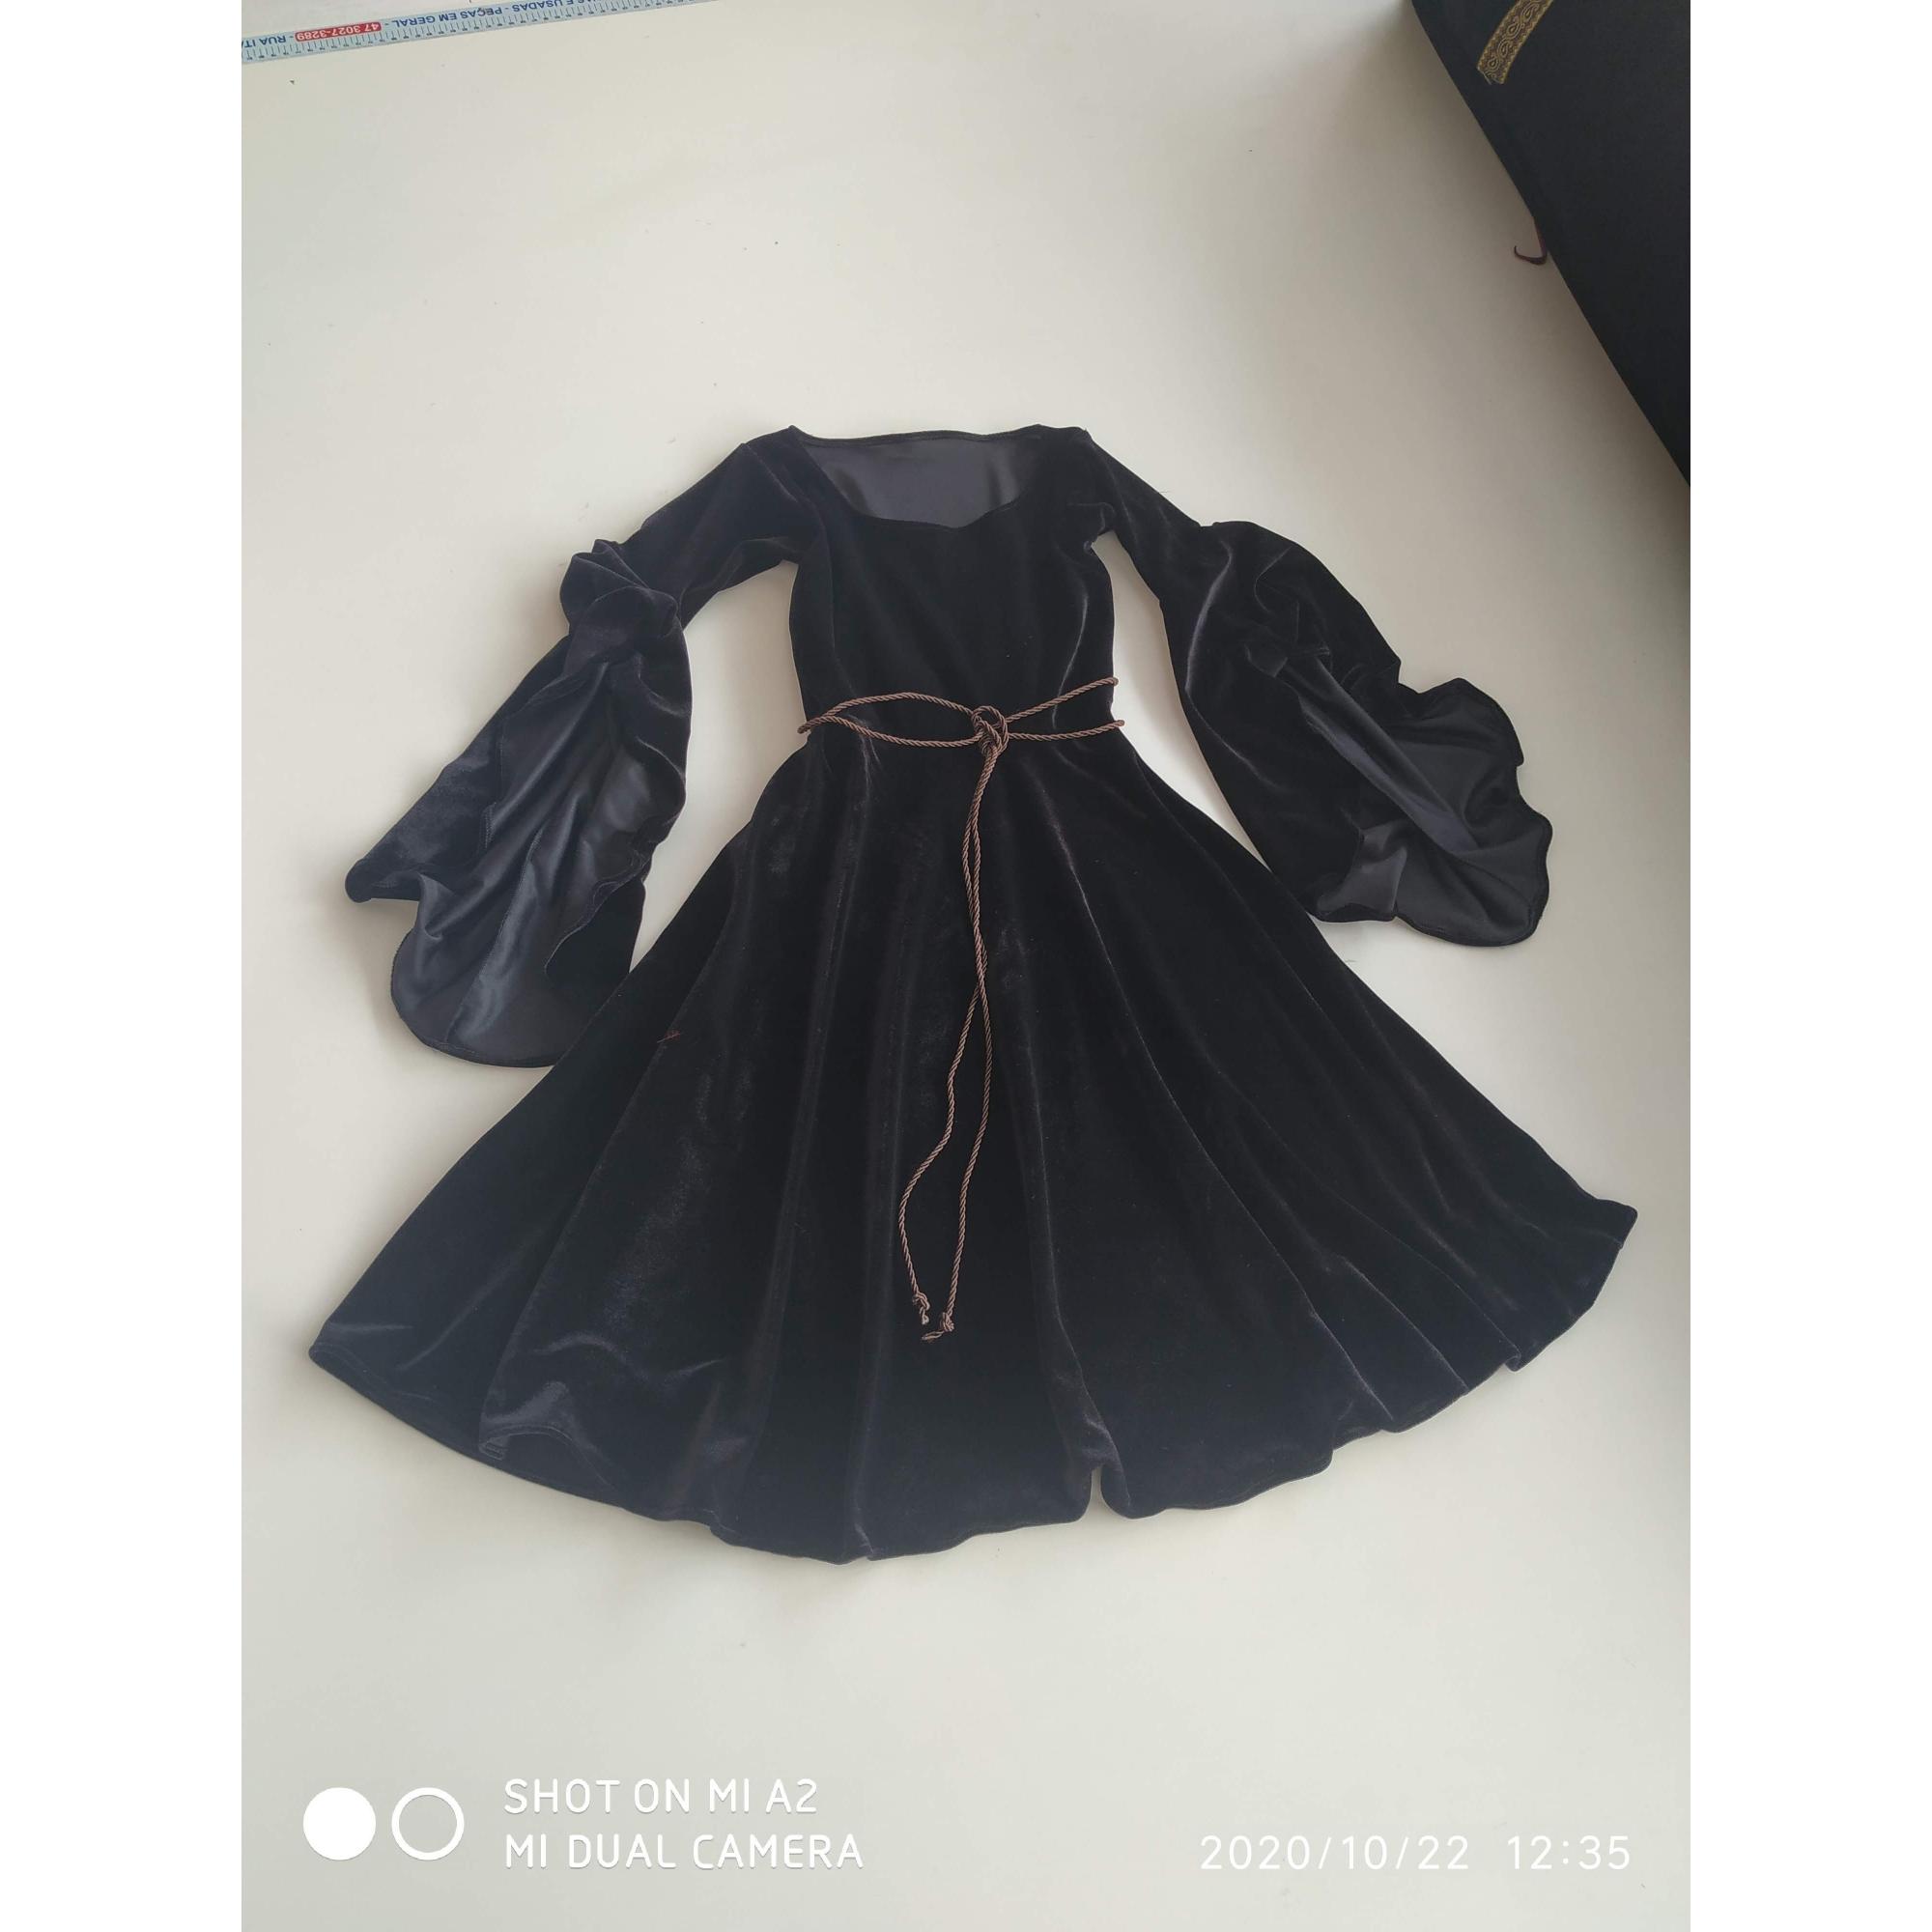 Vestido medieval bruxa clássica infantil